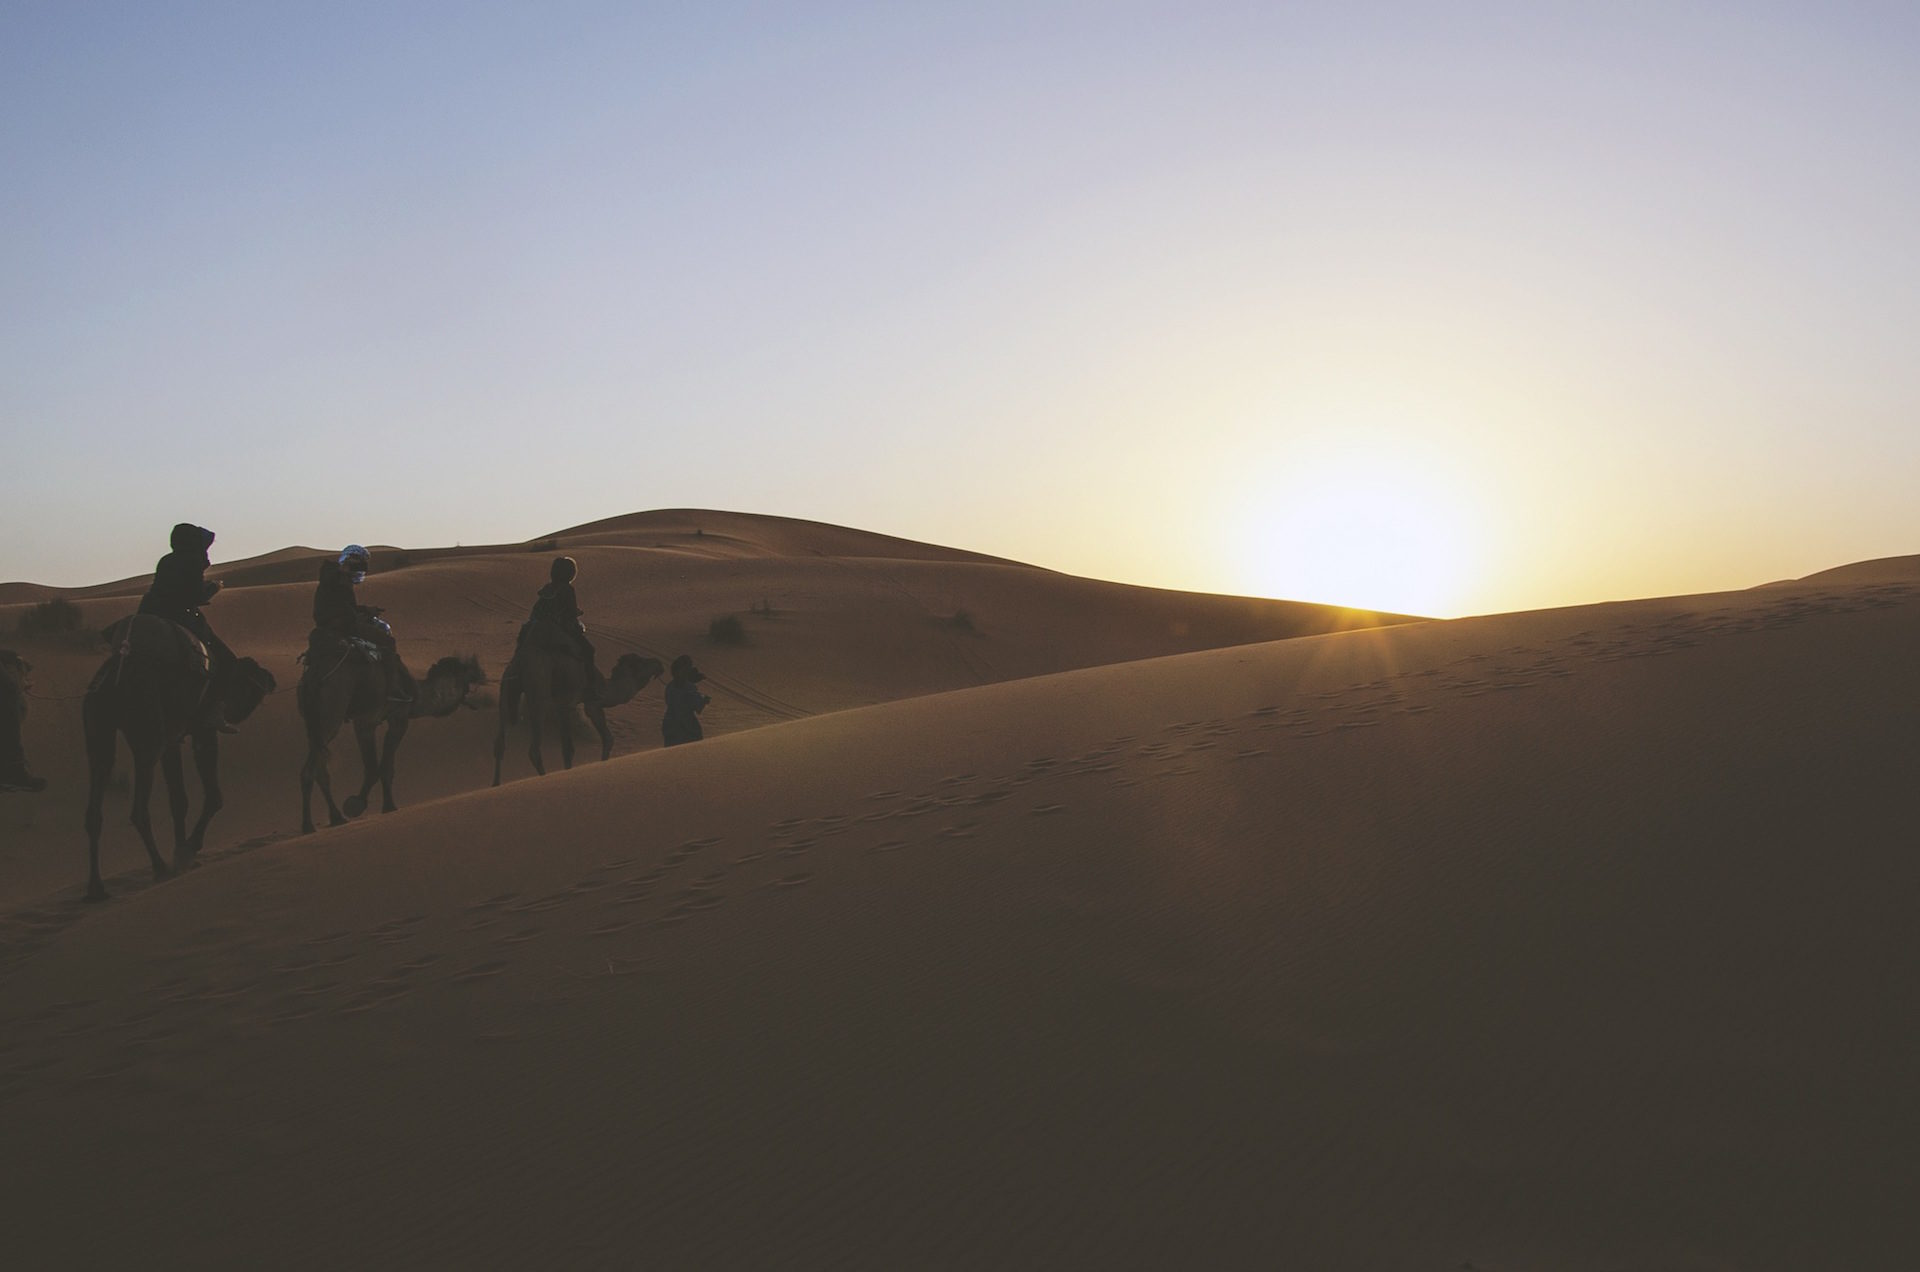 désert, chameaux, sable, traces, ,Sun - Fonds d'écran HD - Professor-falken.com